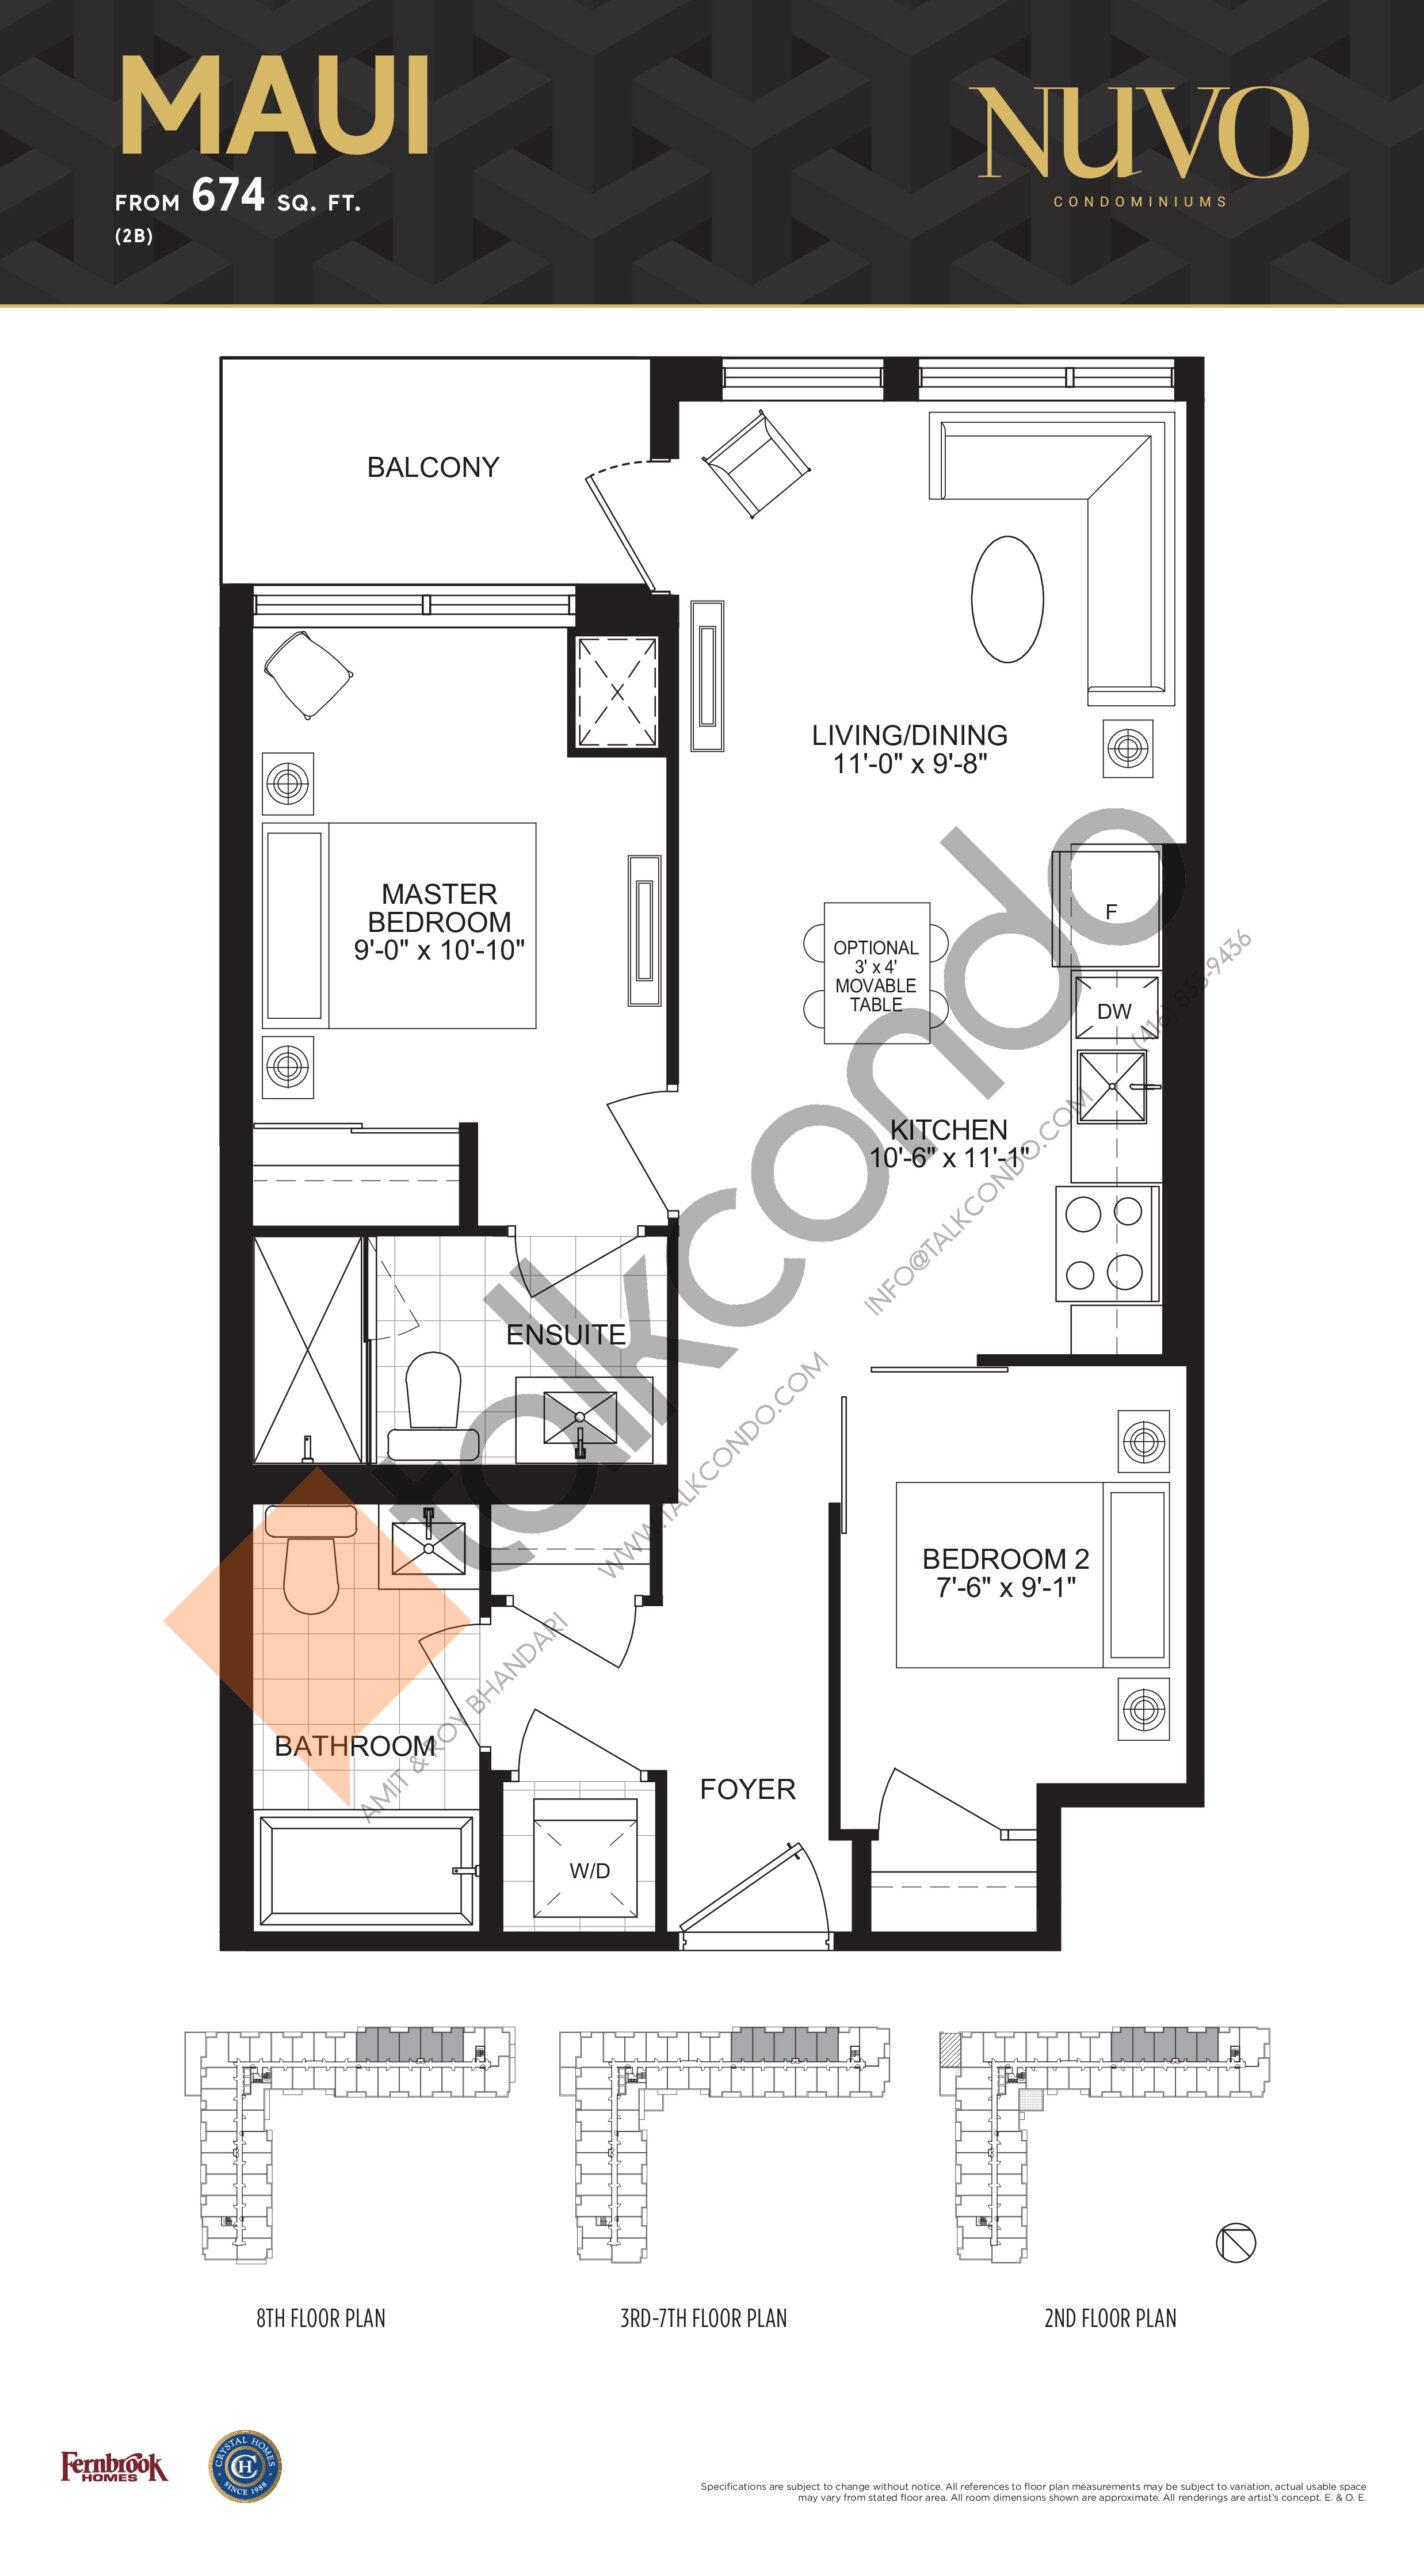 Maui Floor Plan at Nuvo Condos - 674 sq.ft